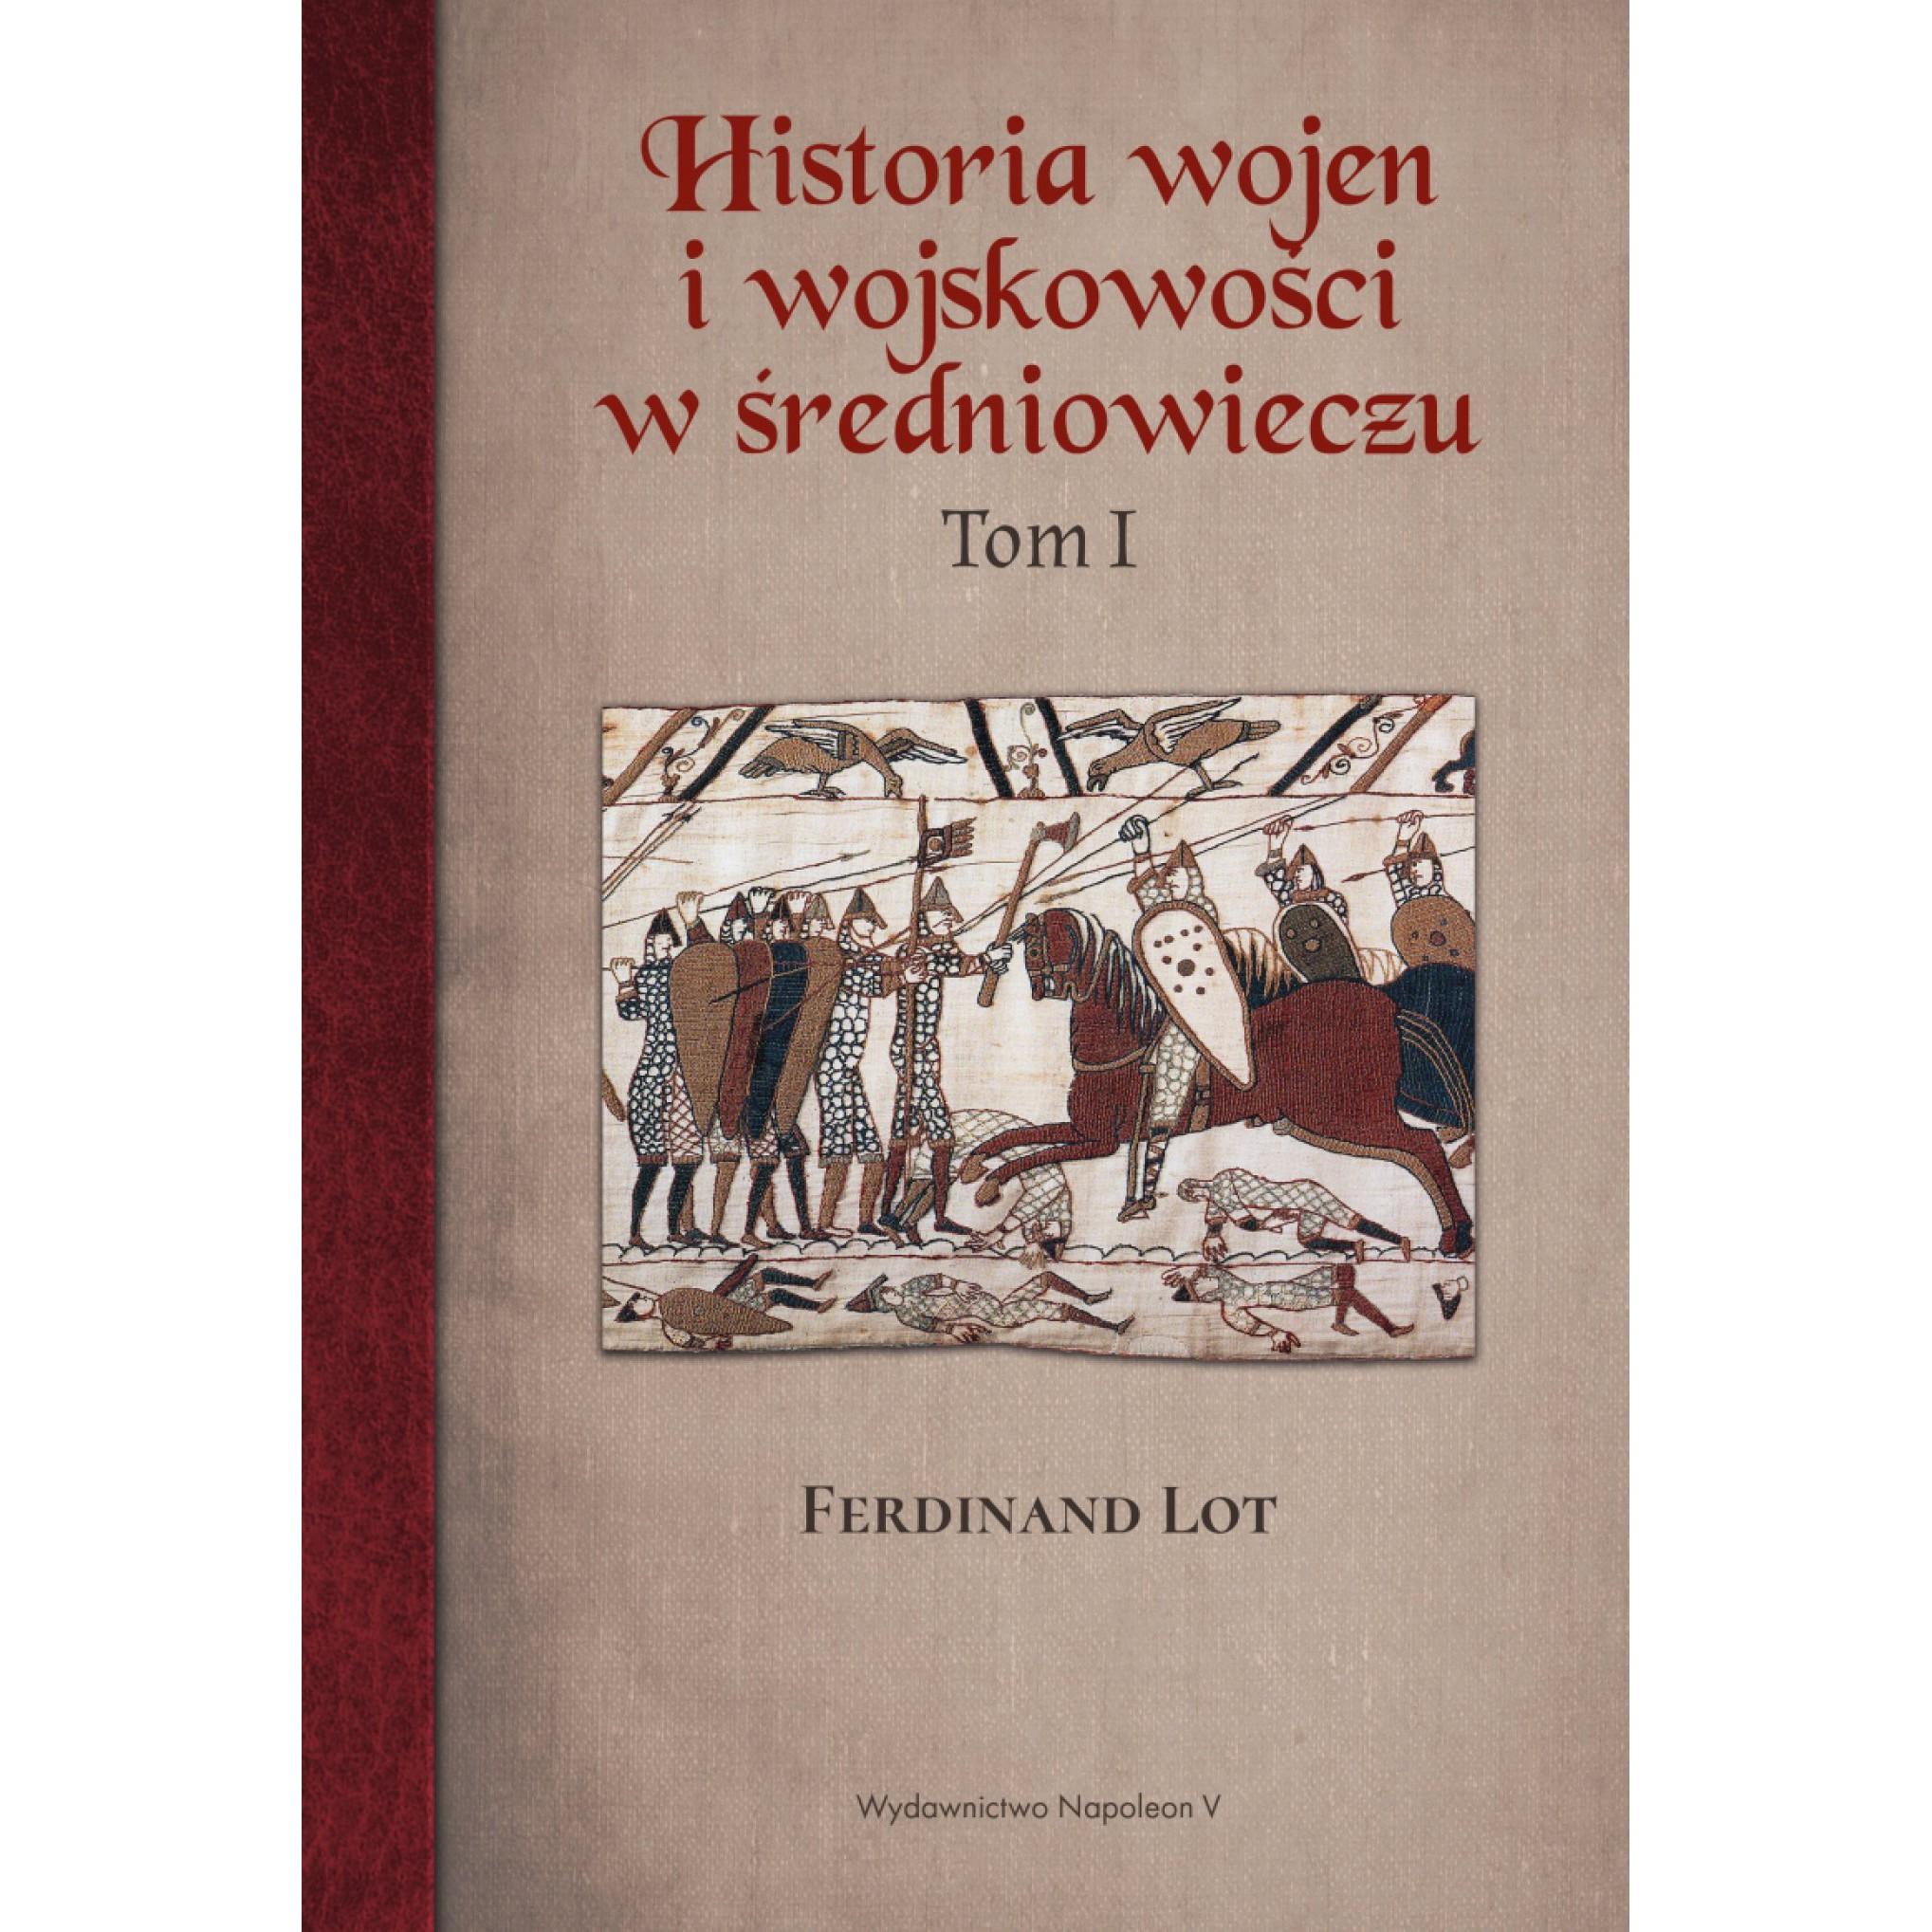 Historia wojen i wojskowości w średniowieczu tom I - Outlet